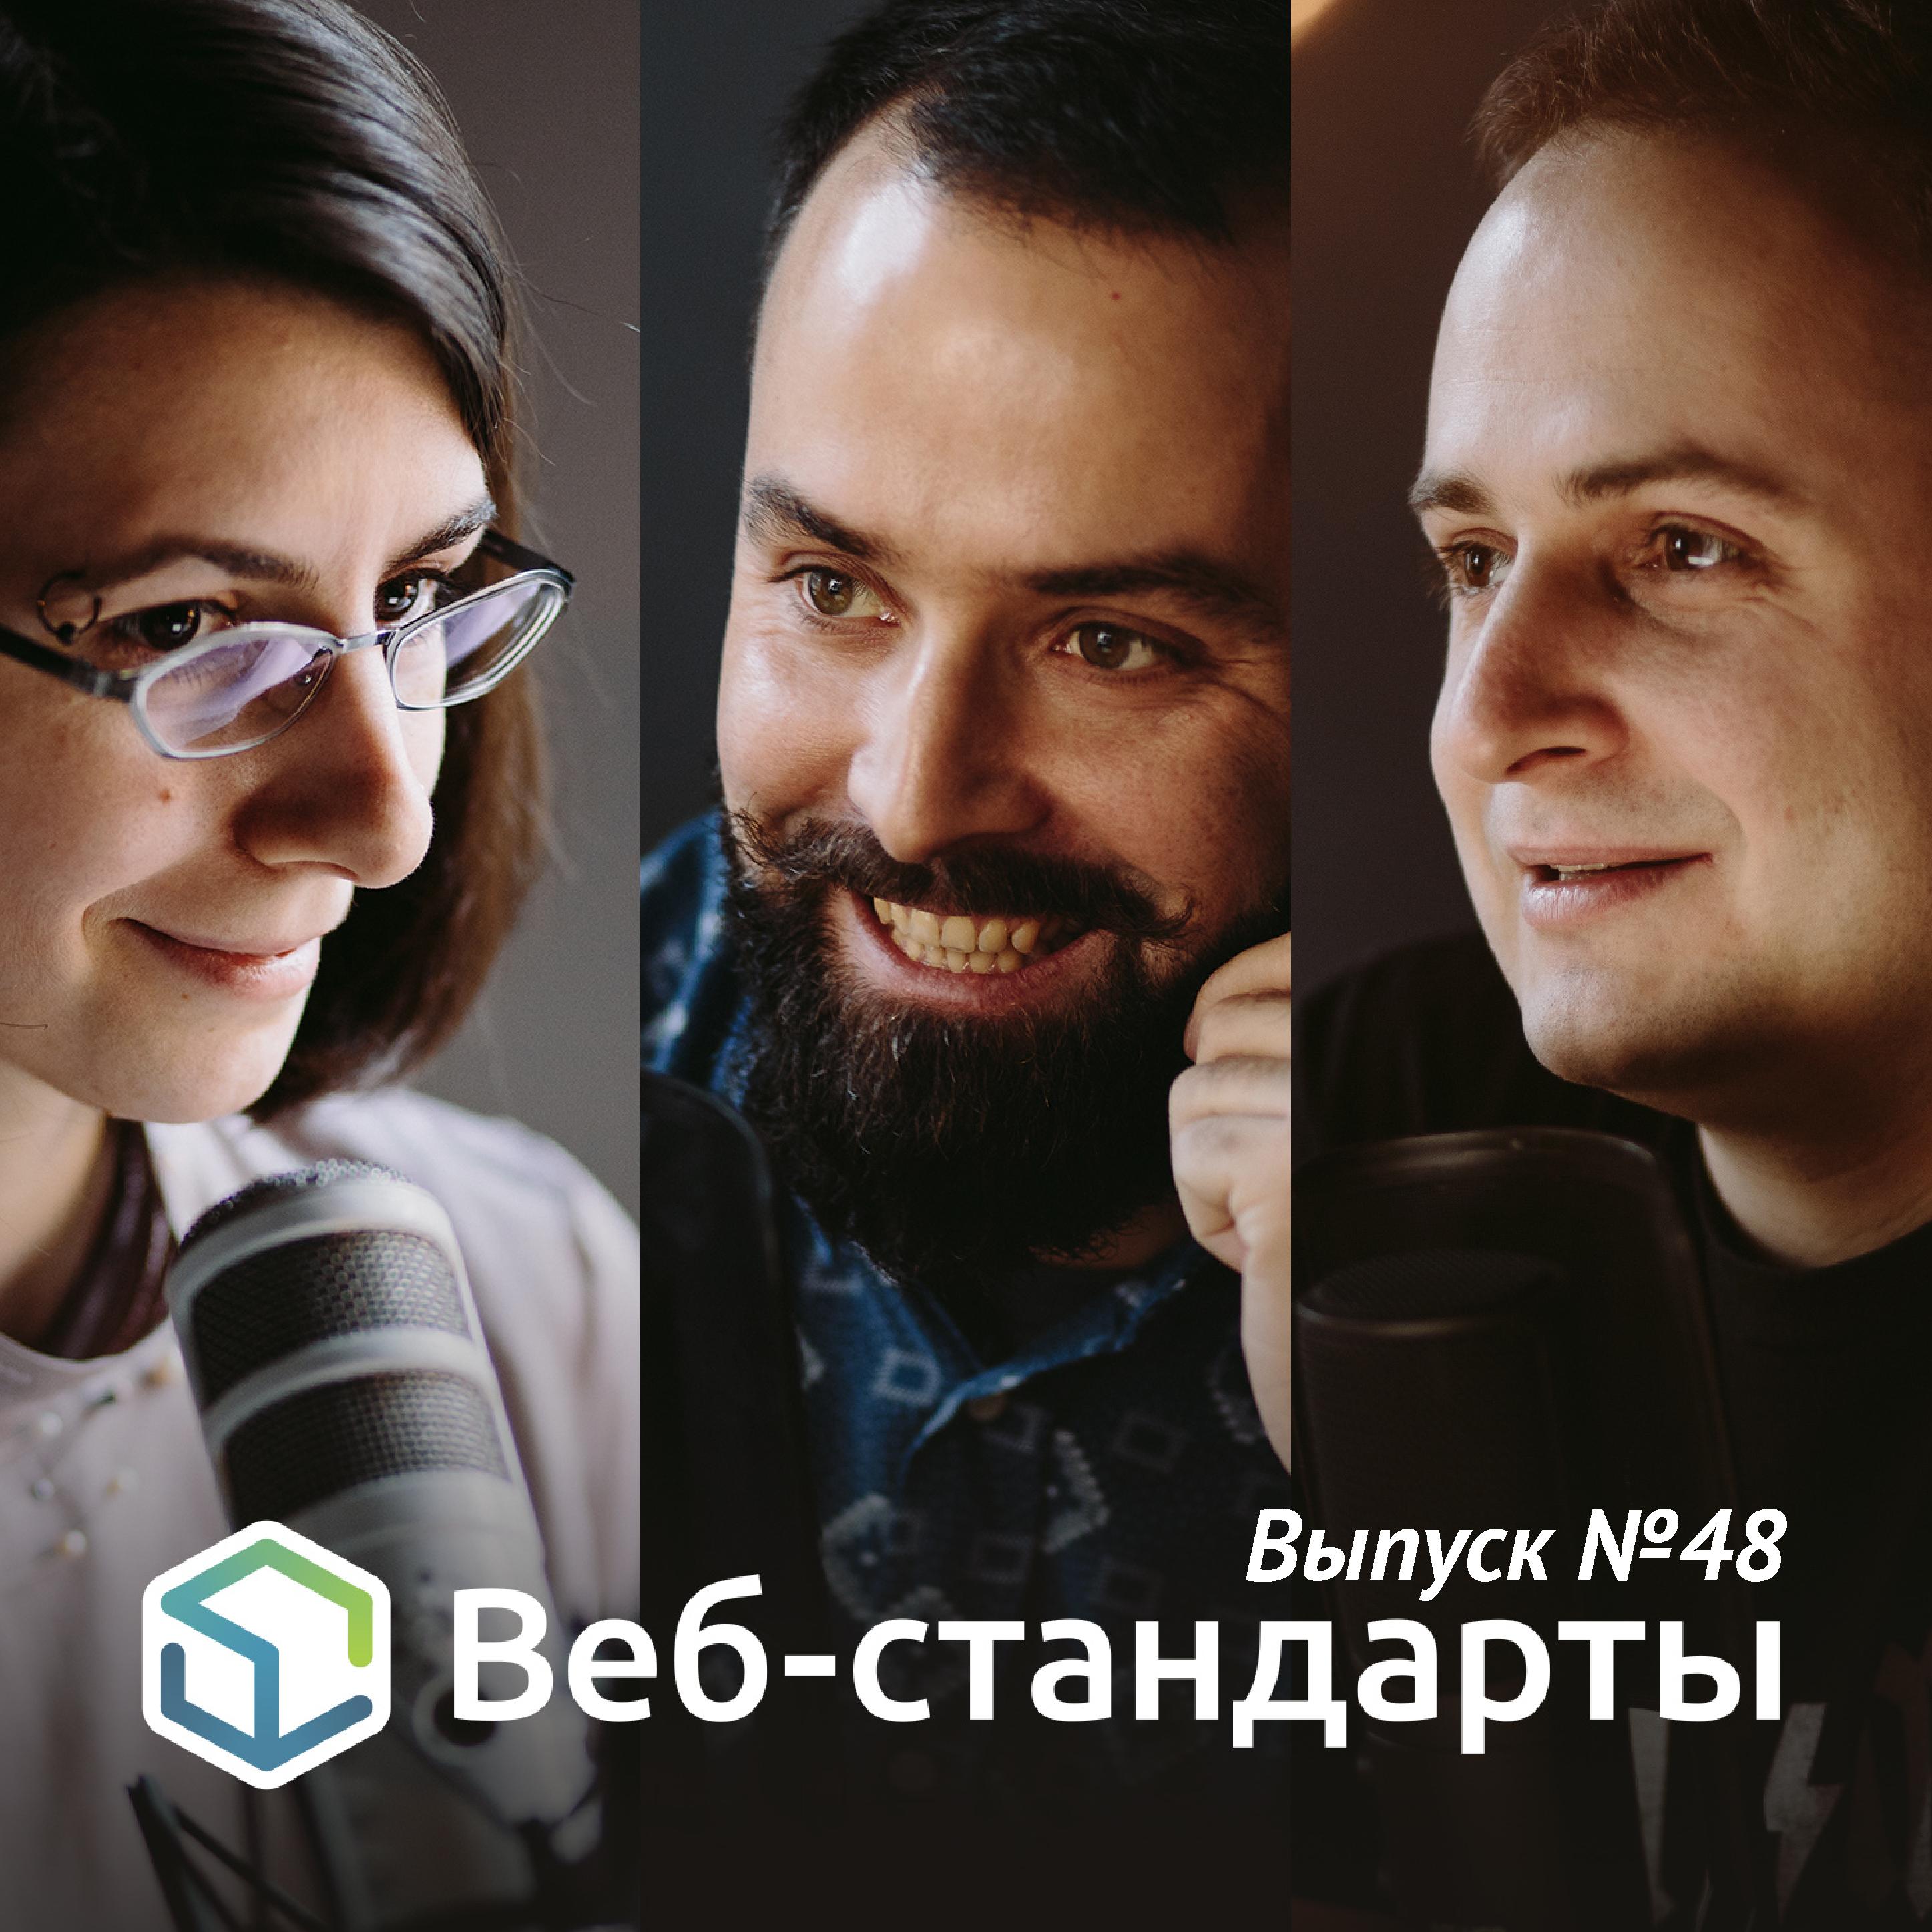 Алексей Симоненко Выпуск №48 bootstrap